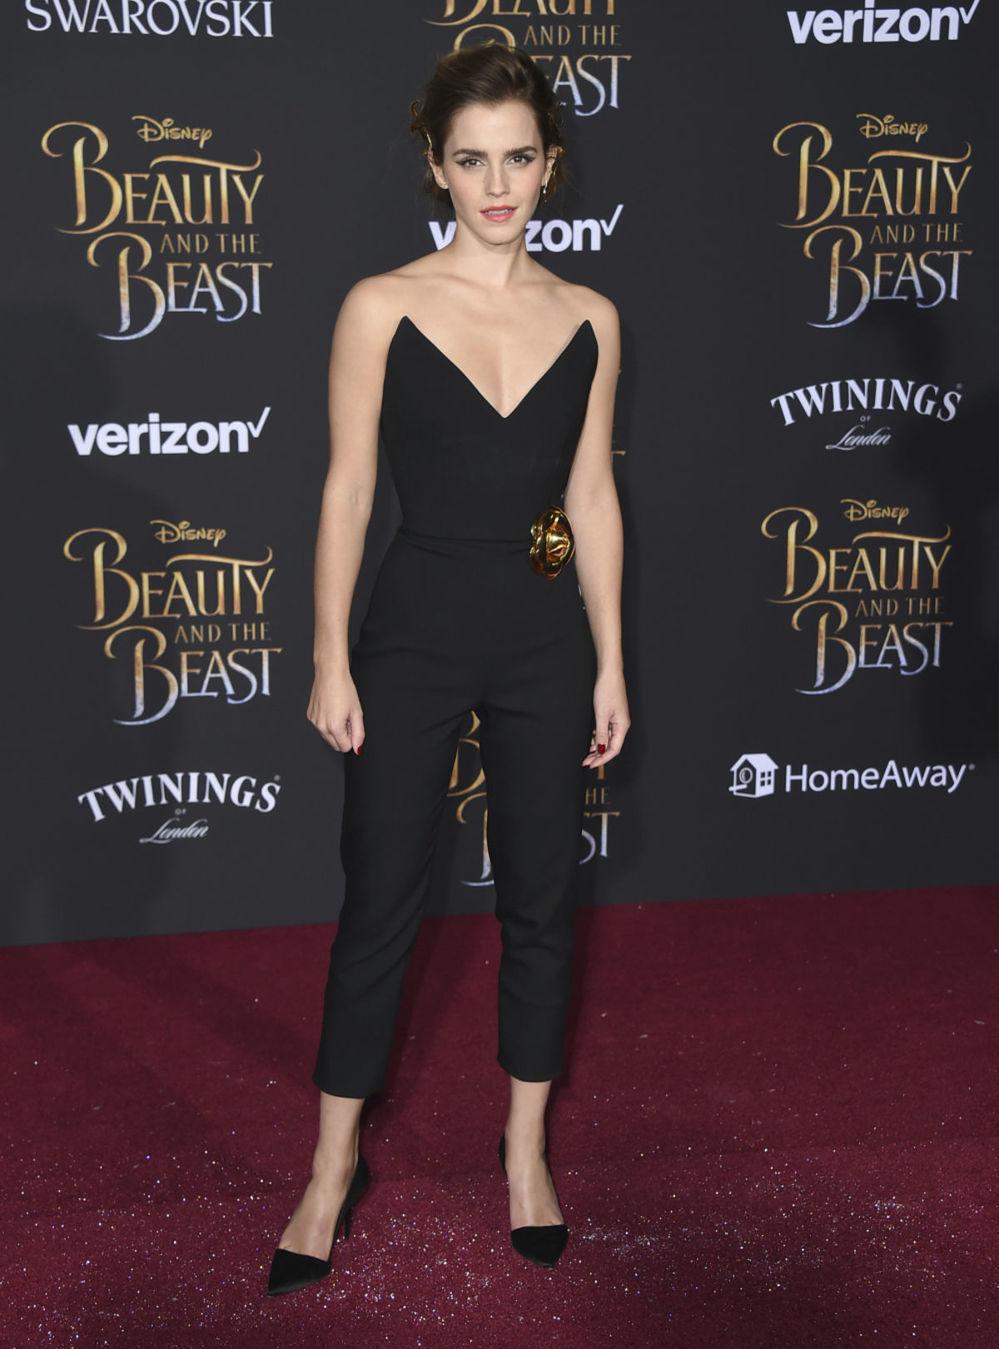 Herečka Emma Watson v kreácii Oscar de la Renta na premiére filmu Kráska a zviera.